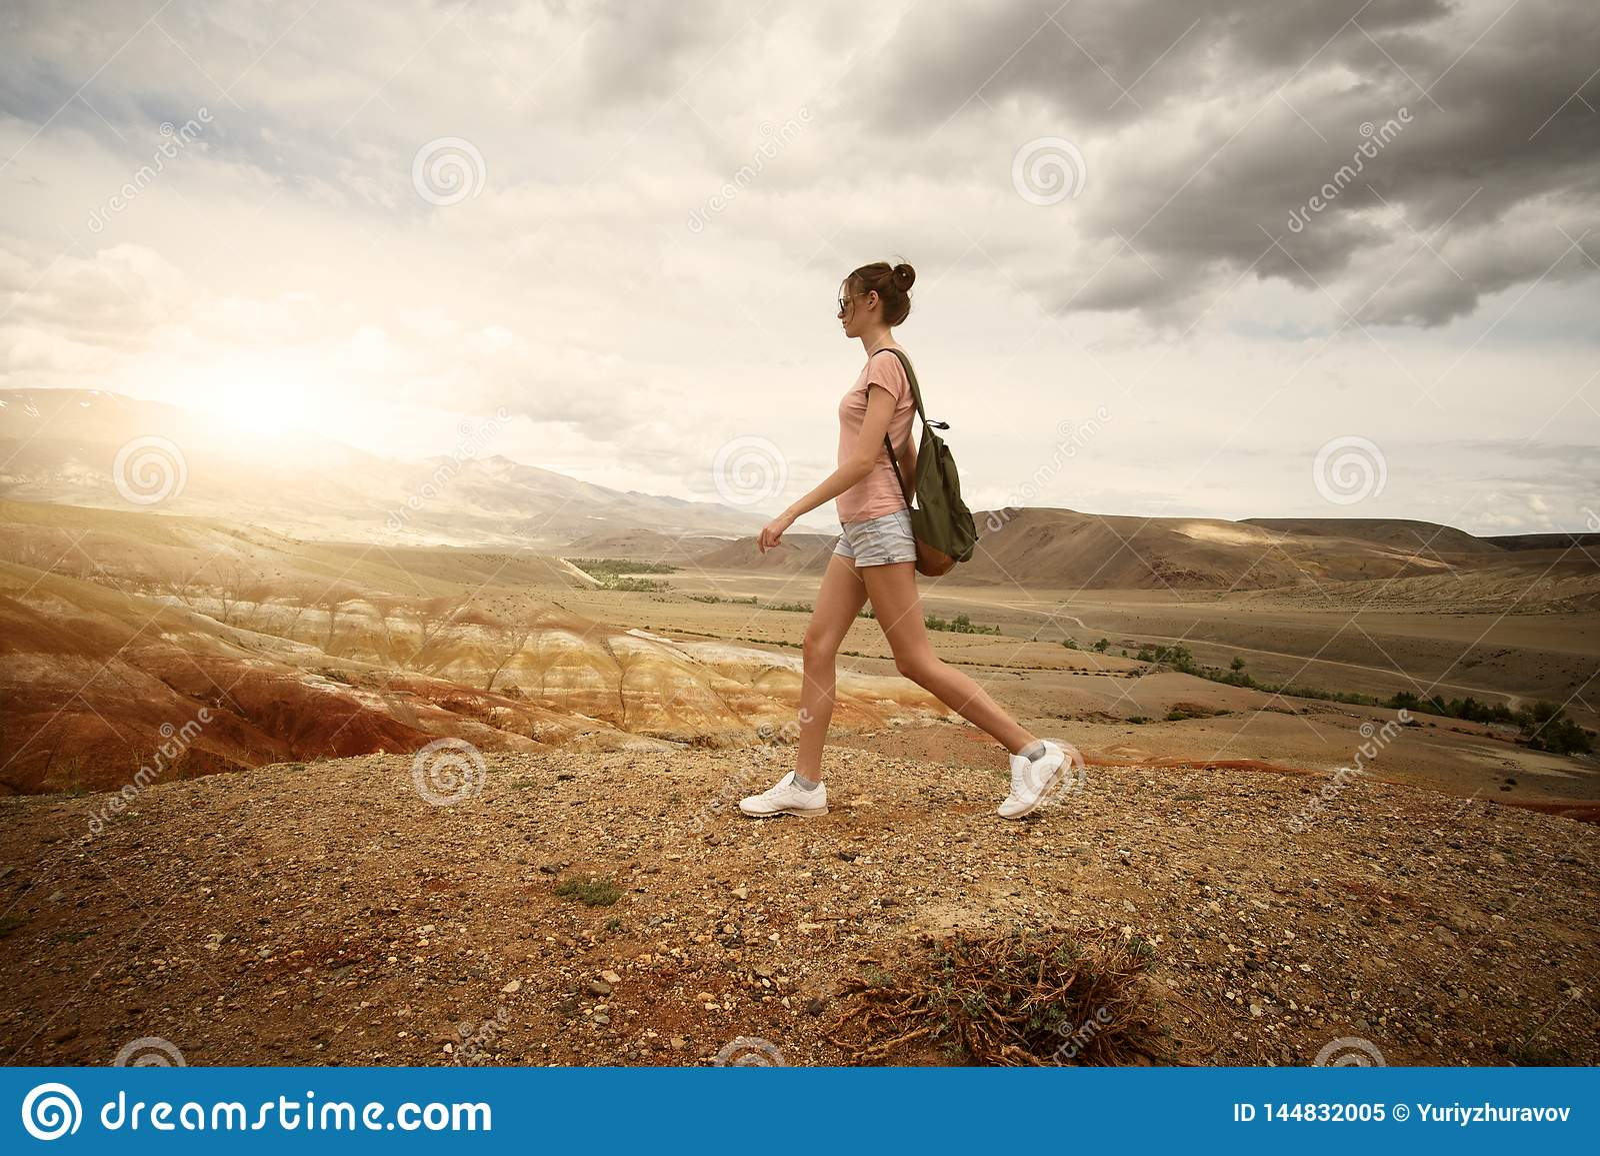 Vrouwen backpacker trekking in de bergen